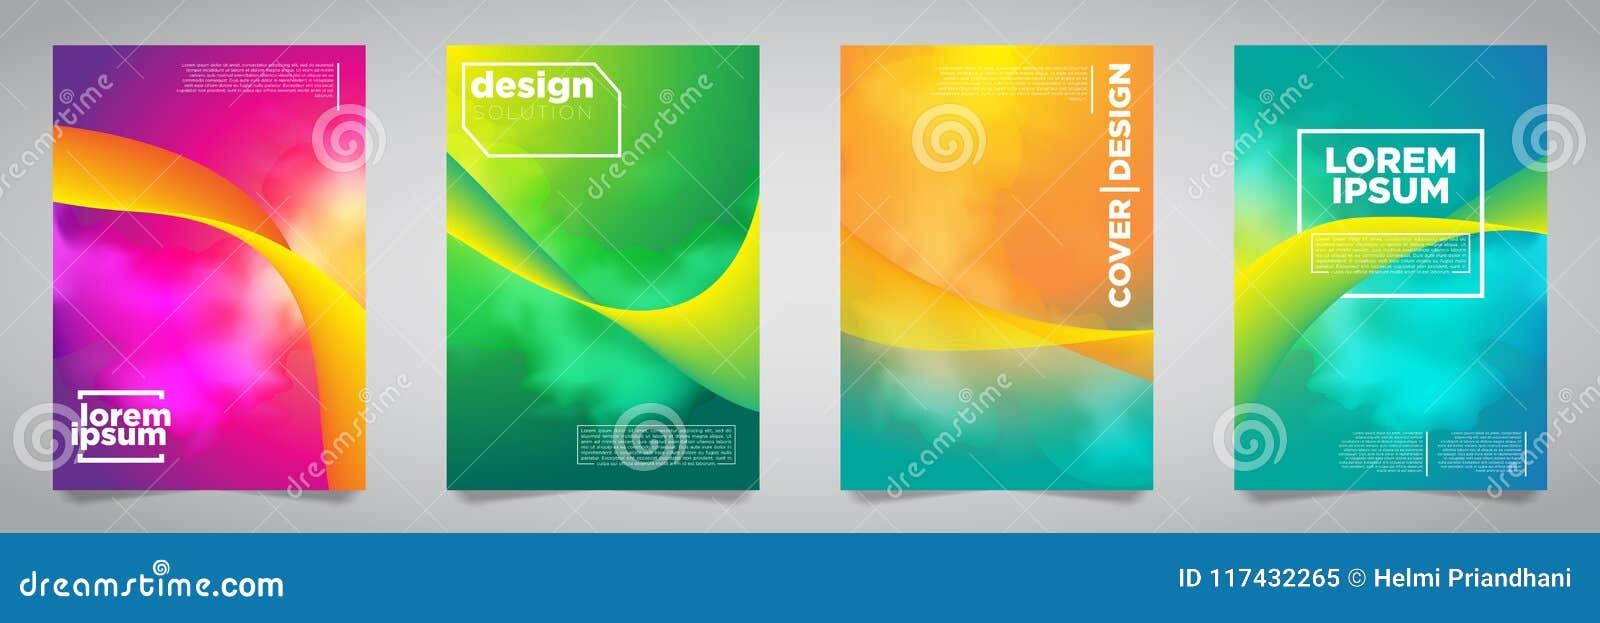 Kolorowy Futurystyczny minimalista pokryw projekt EPS10 wektorowa ilustracja